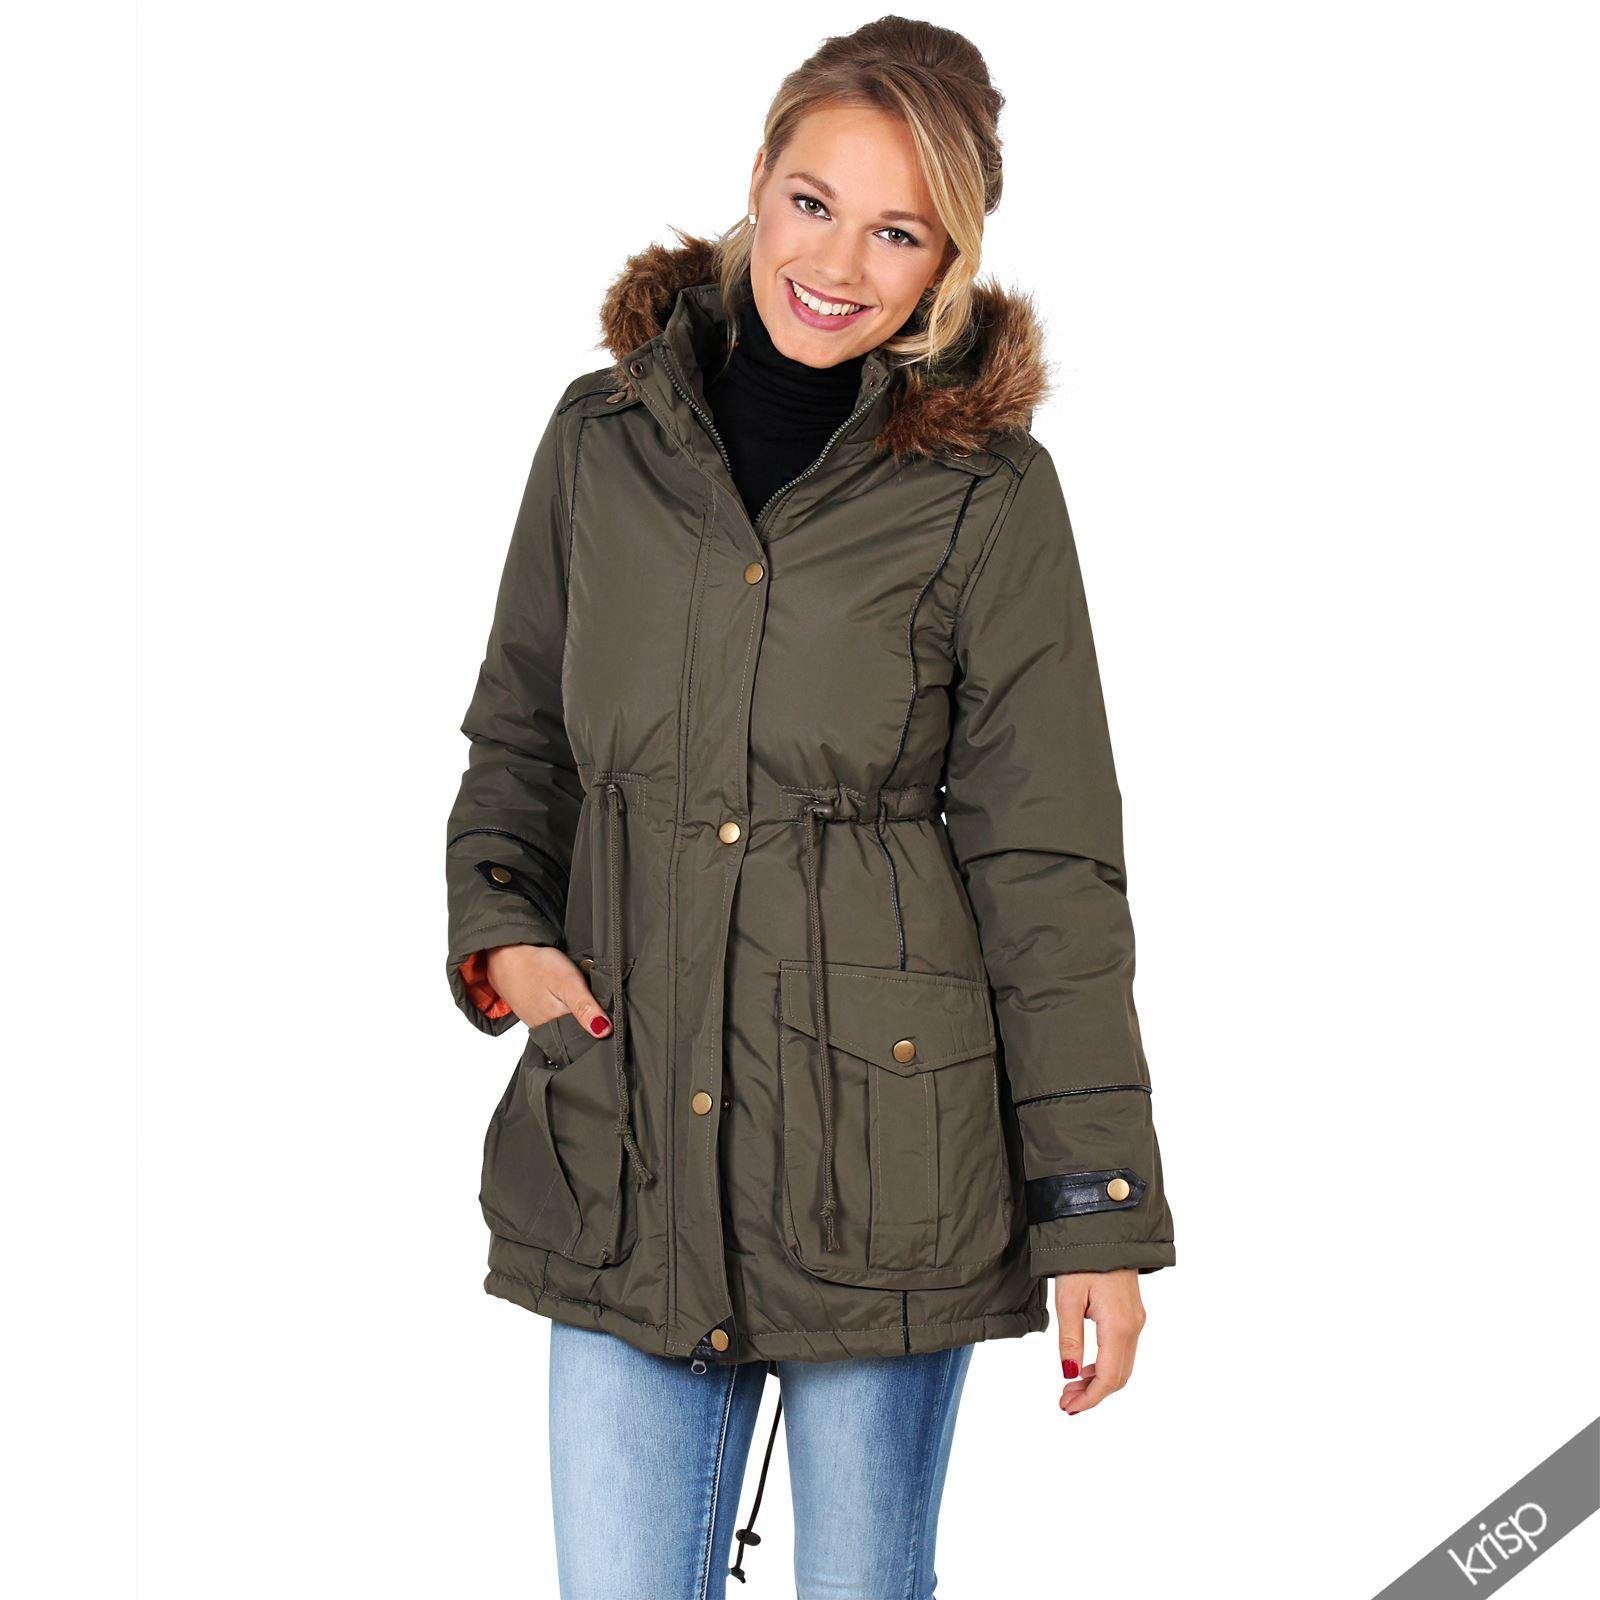 damen parka mit fellbesetzter kapuze winter jacke mantel anorak warm leicht ebay. Black Bedroom Furniture Sets. Home Design Ideas